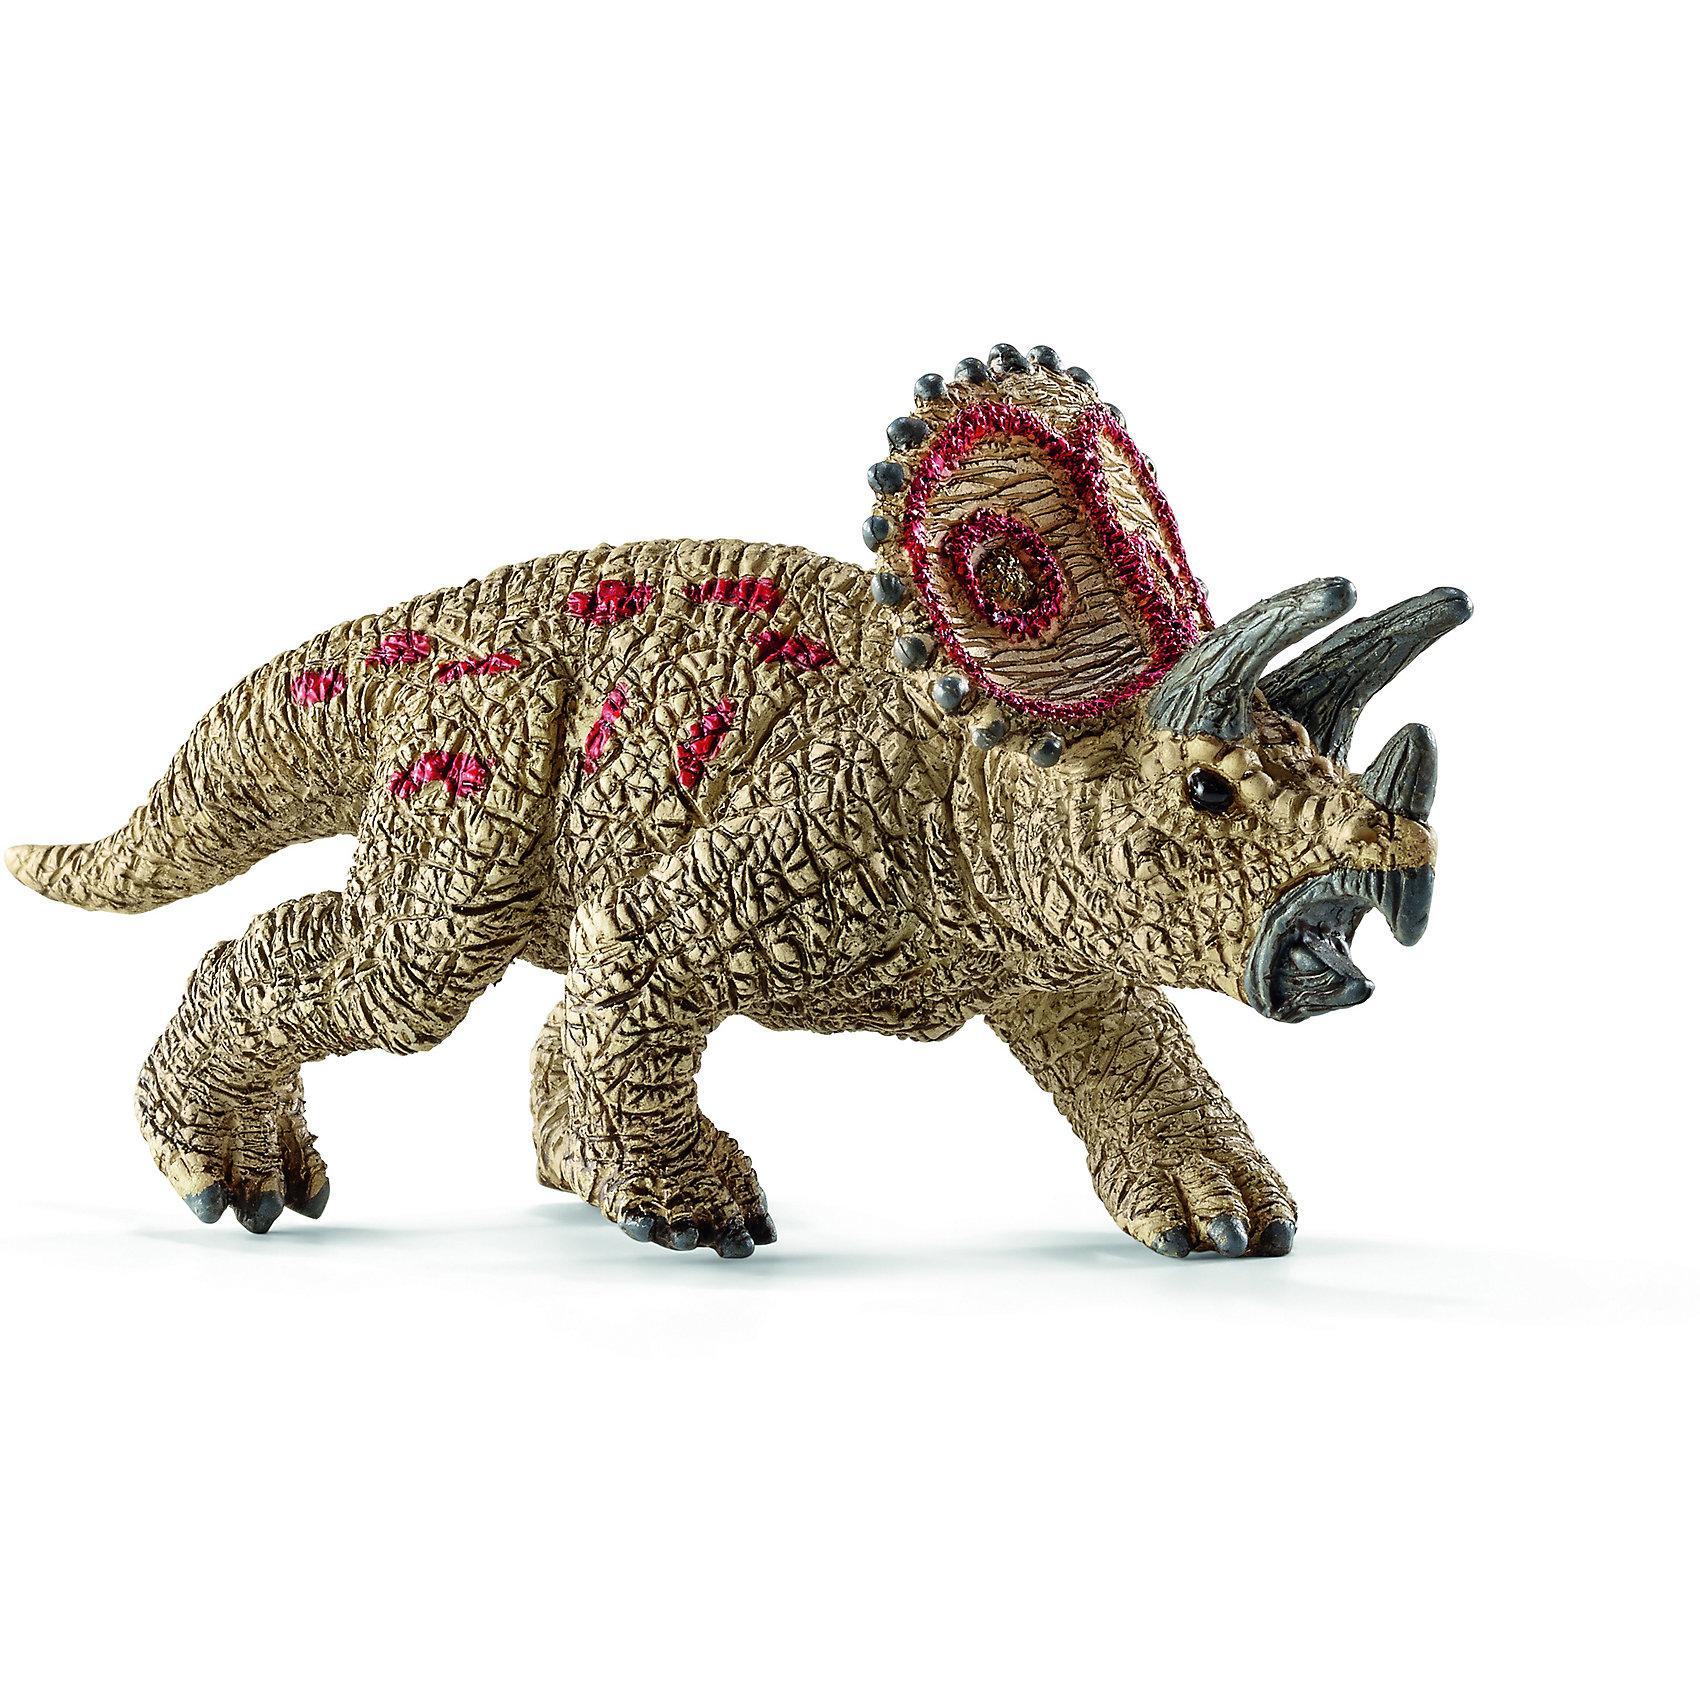 Трицераптор, мини, SchleichДревний динозавр Трицераптор, проживающий на земле много миллионов лет назад, представлен немецкой компанией Schleich (Шляйх) в виде идущего на четырех лапах динозавра коричневого цвета. <br><br>Трицераптор - травоядное животное. Его челюсть представляет собой своеобразный клюв, который удобно использовать для разделения растительной пищи.<br><br>Игрушка динозавра выполнена из качественного каучукового пластика, который безопасен для детей и не вызывает аллергию.<br><br>Дополнительная информация:<br><br>Материал: каучуковый пластик<br>Размеры: 6.6 x 3.4 x 2.2 см.<br><br>Трицераптора, мини, Schleich (Шляйх) можно купить в нашем магазине.<br><br>Ширина мм: 63<br>Глубина мм: 37<br>Высота мм: 11<br>Вес г: 9<br>Возраст от месяцев: 36<br>Возраст до месяцев: 96<br>Пол: Мужской<br>Возраст: Детский<br>SKU: 3902517